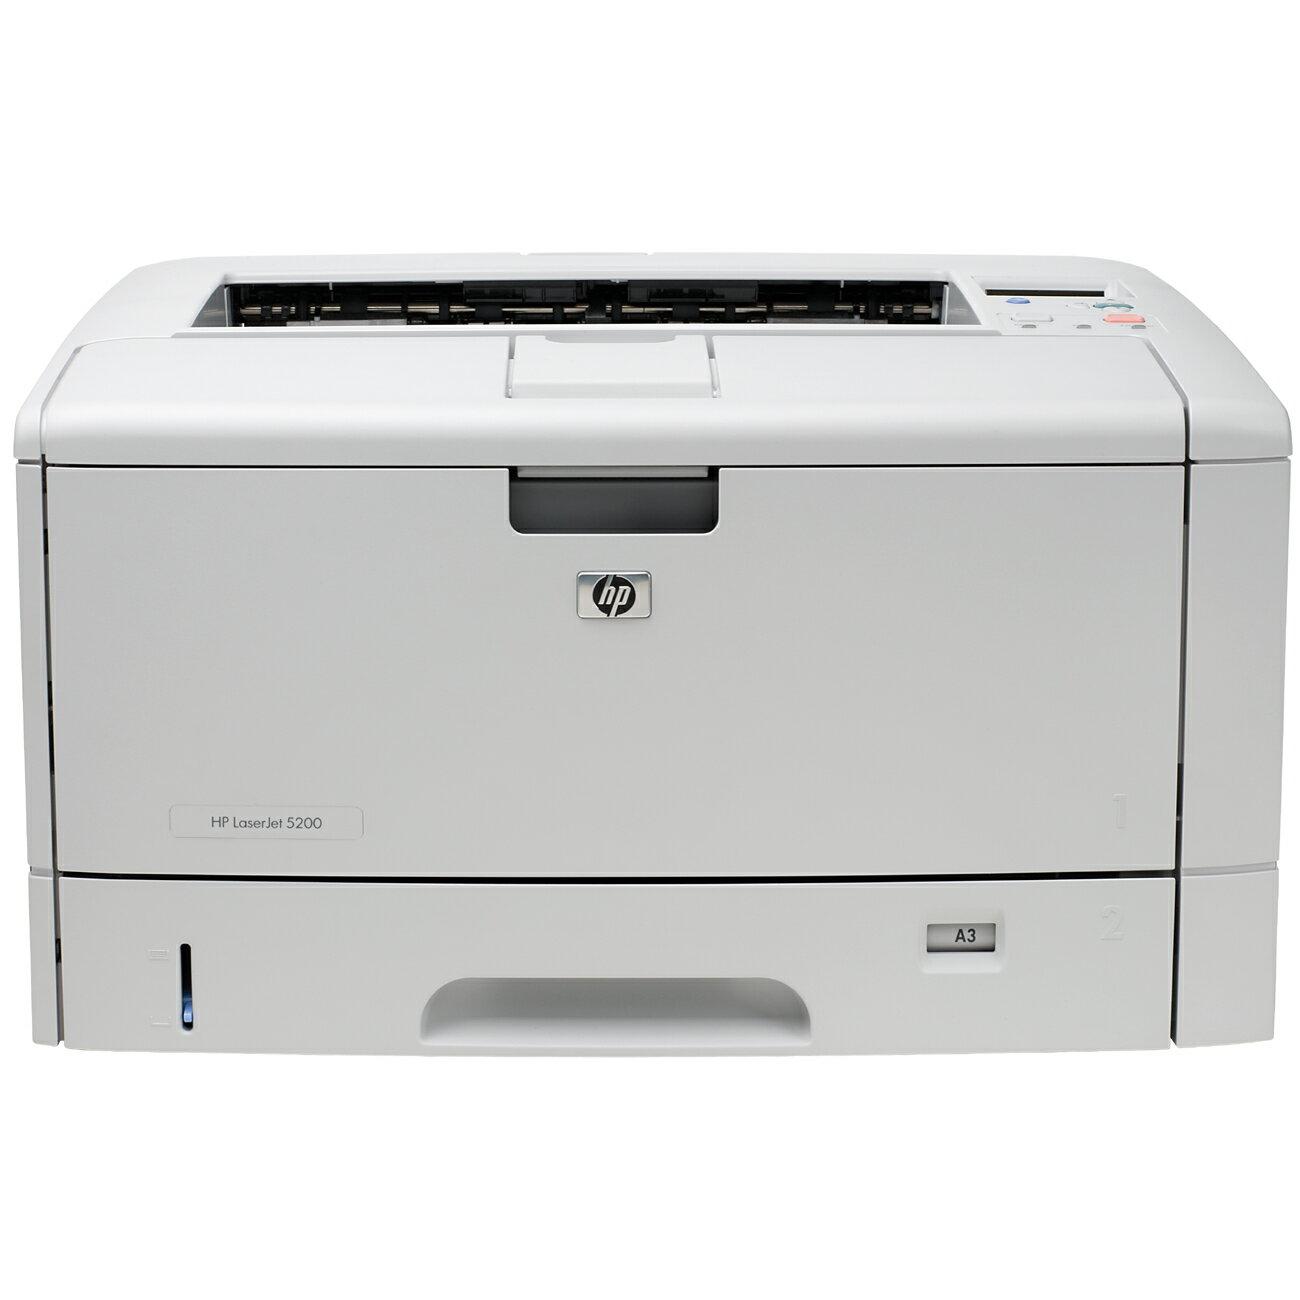 HP LaserJet 5000 5200 Laser Printer - Monochrome - 1200 x 1200 dpi Print - Plain Paper Print - Desktop - 35 ppm Mono Print - A3, A4, A5, A6, B4, B5, B6, B4 (JIS), B5 (JIS), B6 (JIS), C5 Envelope, ... - 350 sheets Standard Input Capacity - 65000 Duty Cycle 0